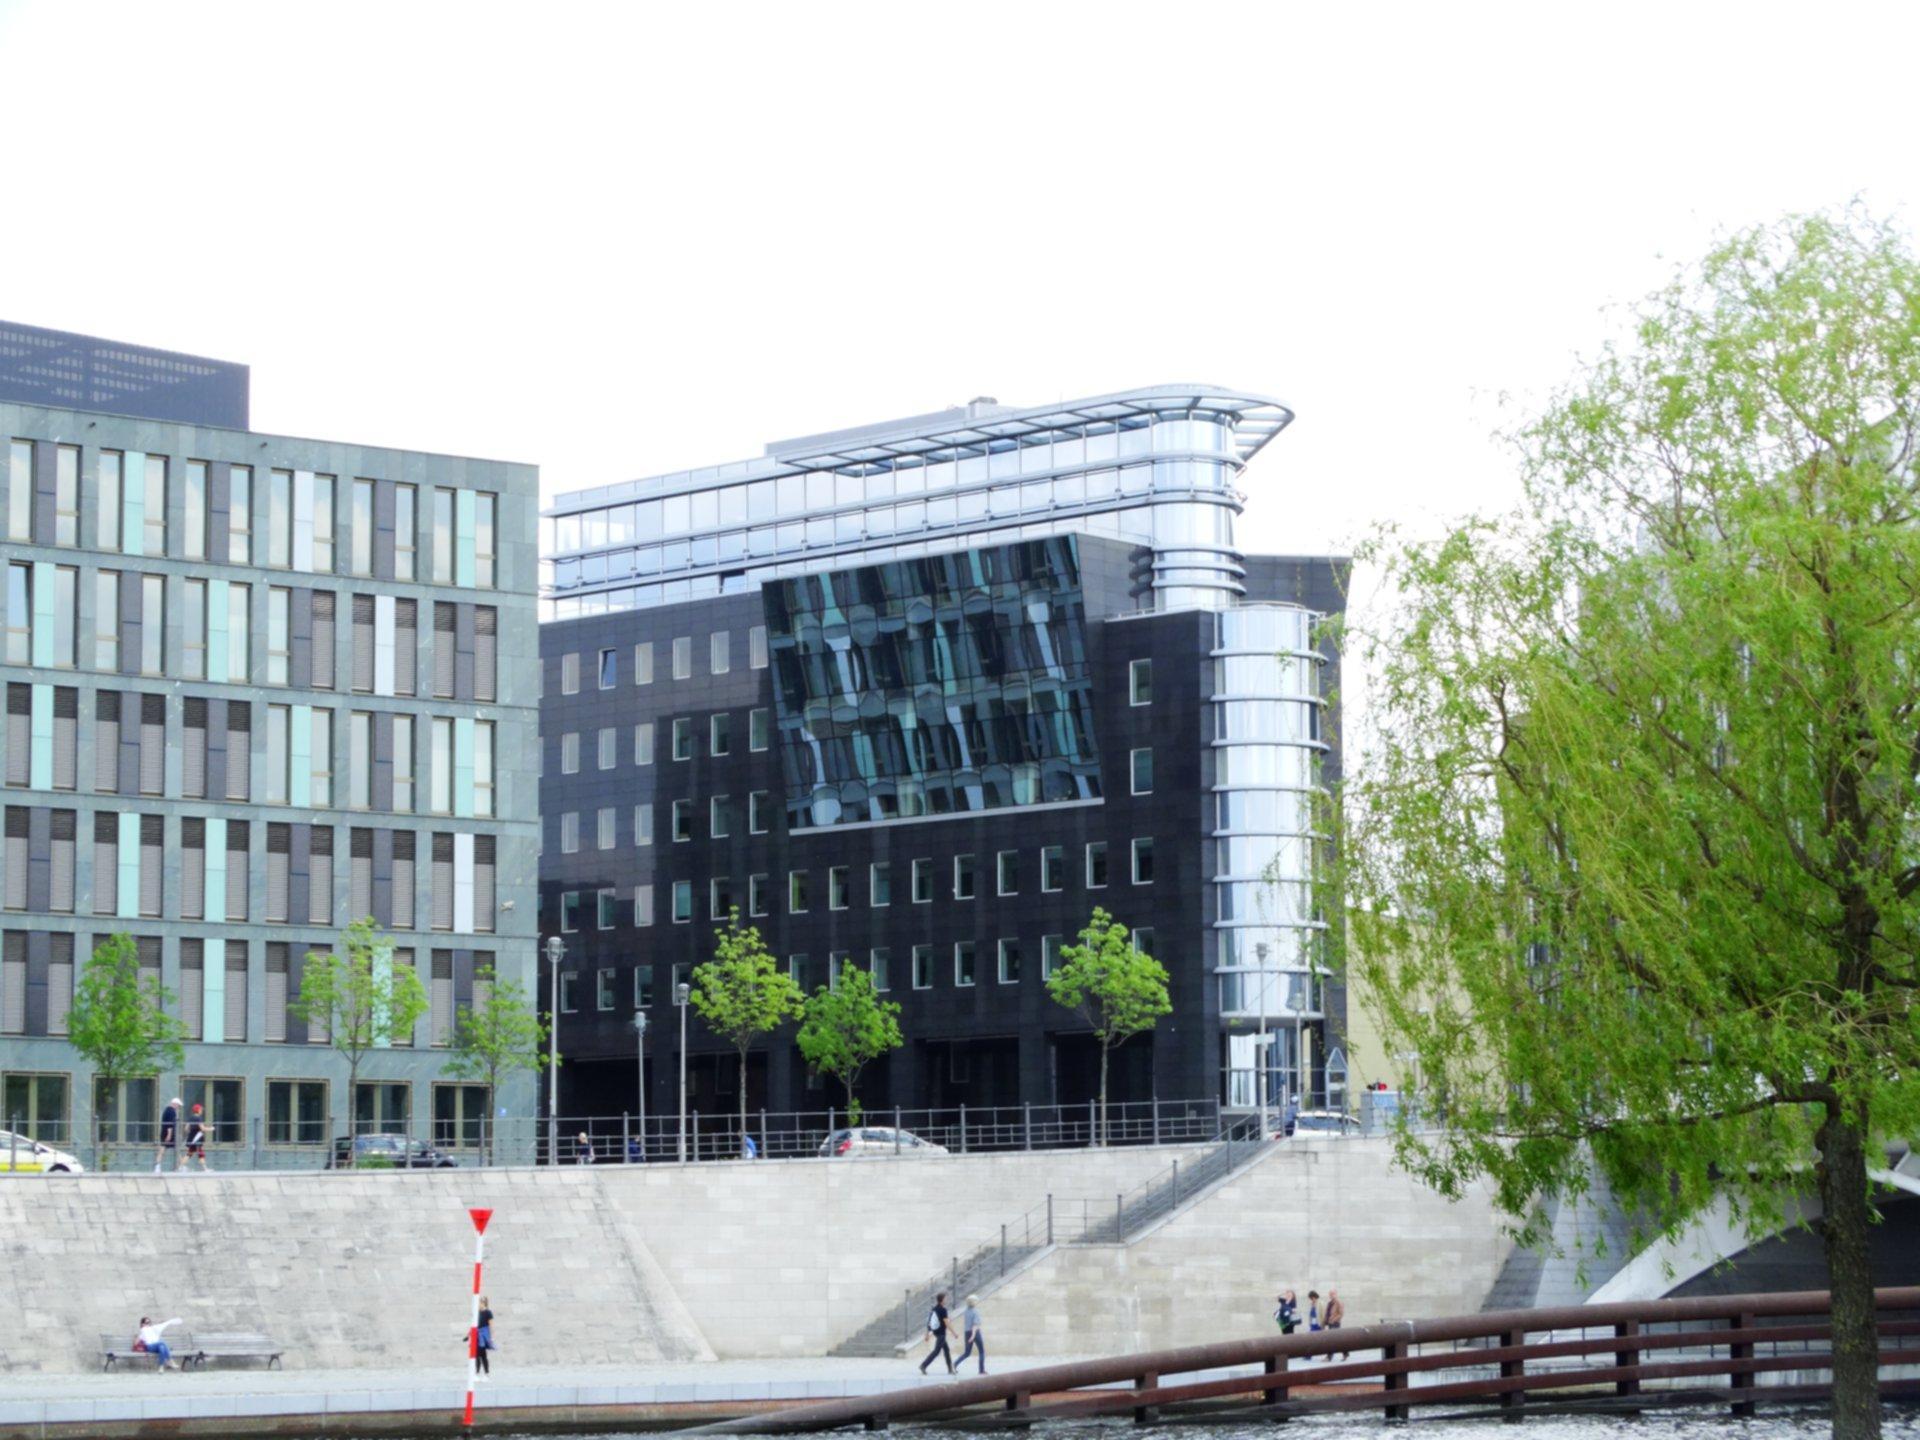 Weitergeltungsanordnung des BVerfG – und die Kostenentscheidung im finanzgerichtlichen Verfahren